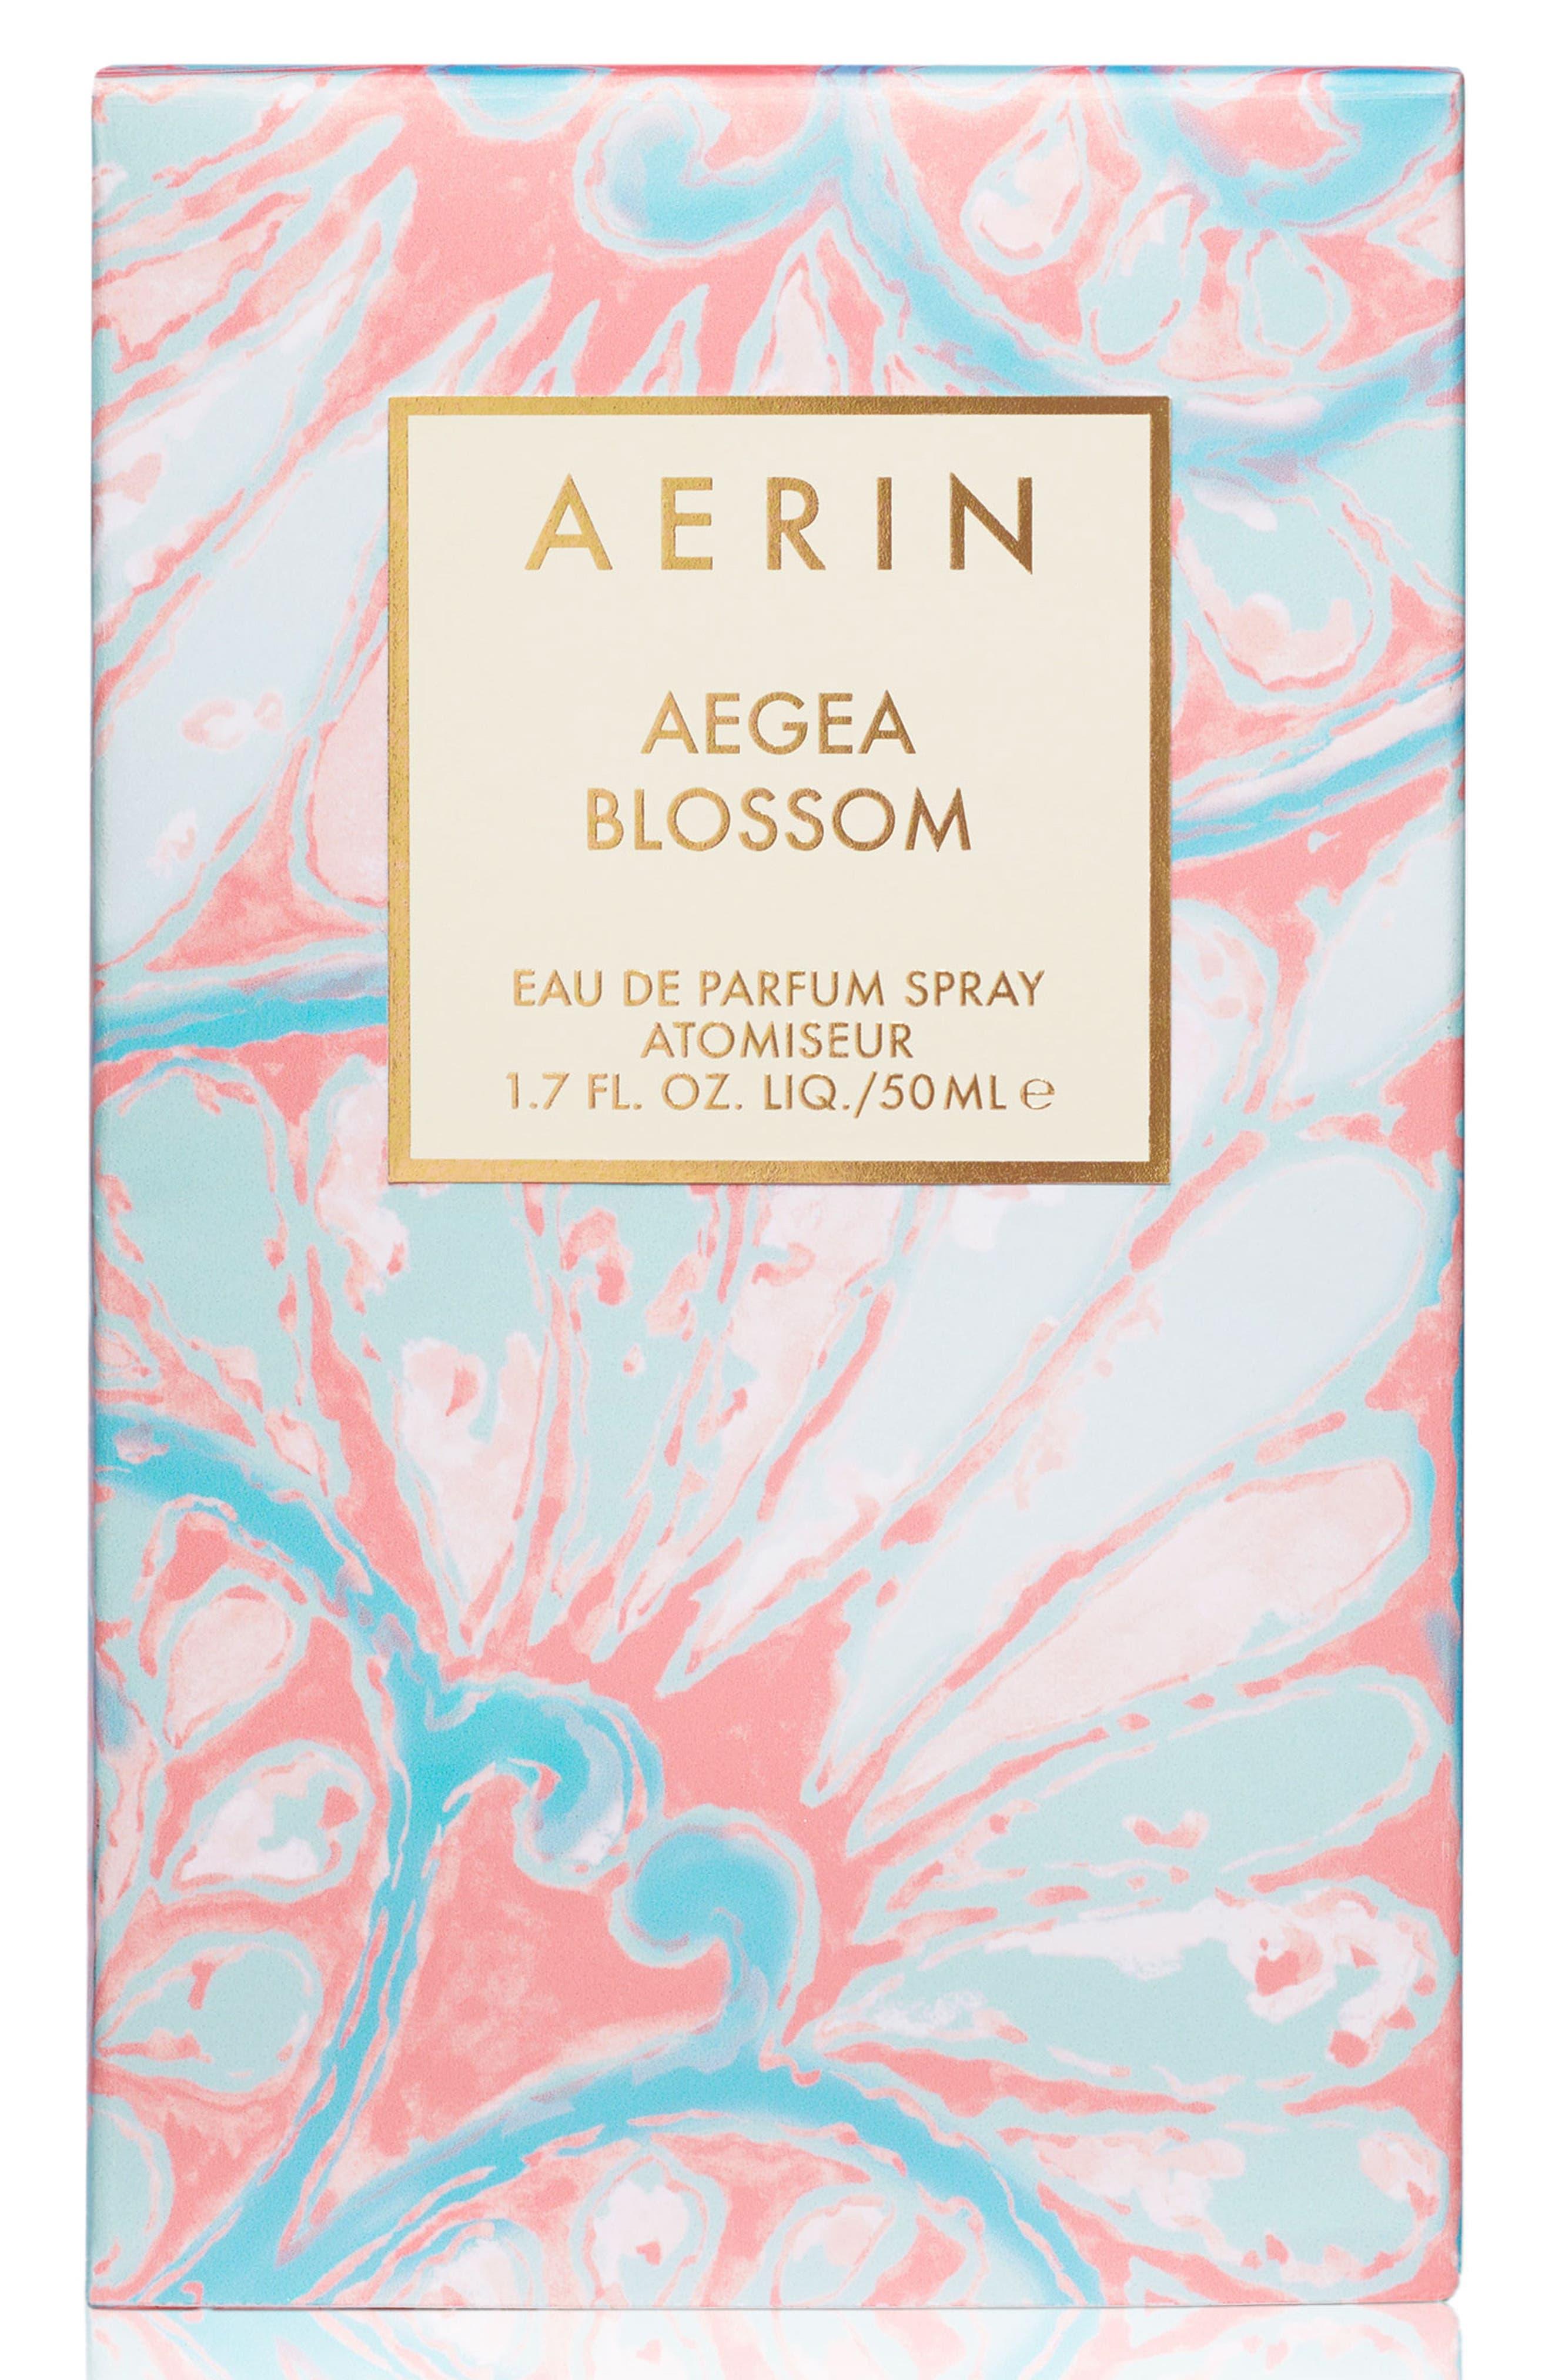 ESTÉE LAUDER,                             AERIN Aegea Blossom Eau de Parfum,                             Alternate thumbnail 2, color,                             NO COLOR